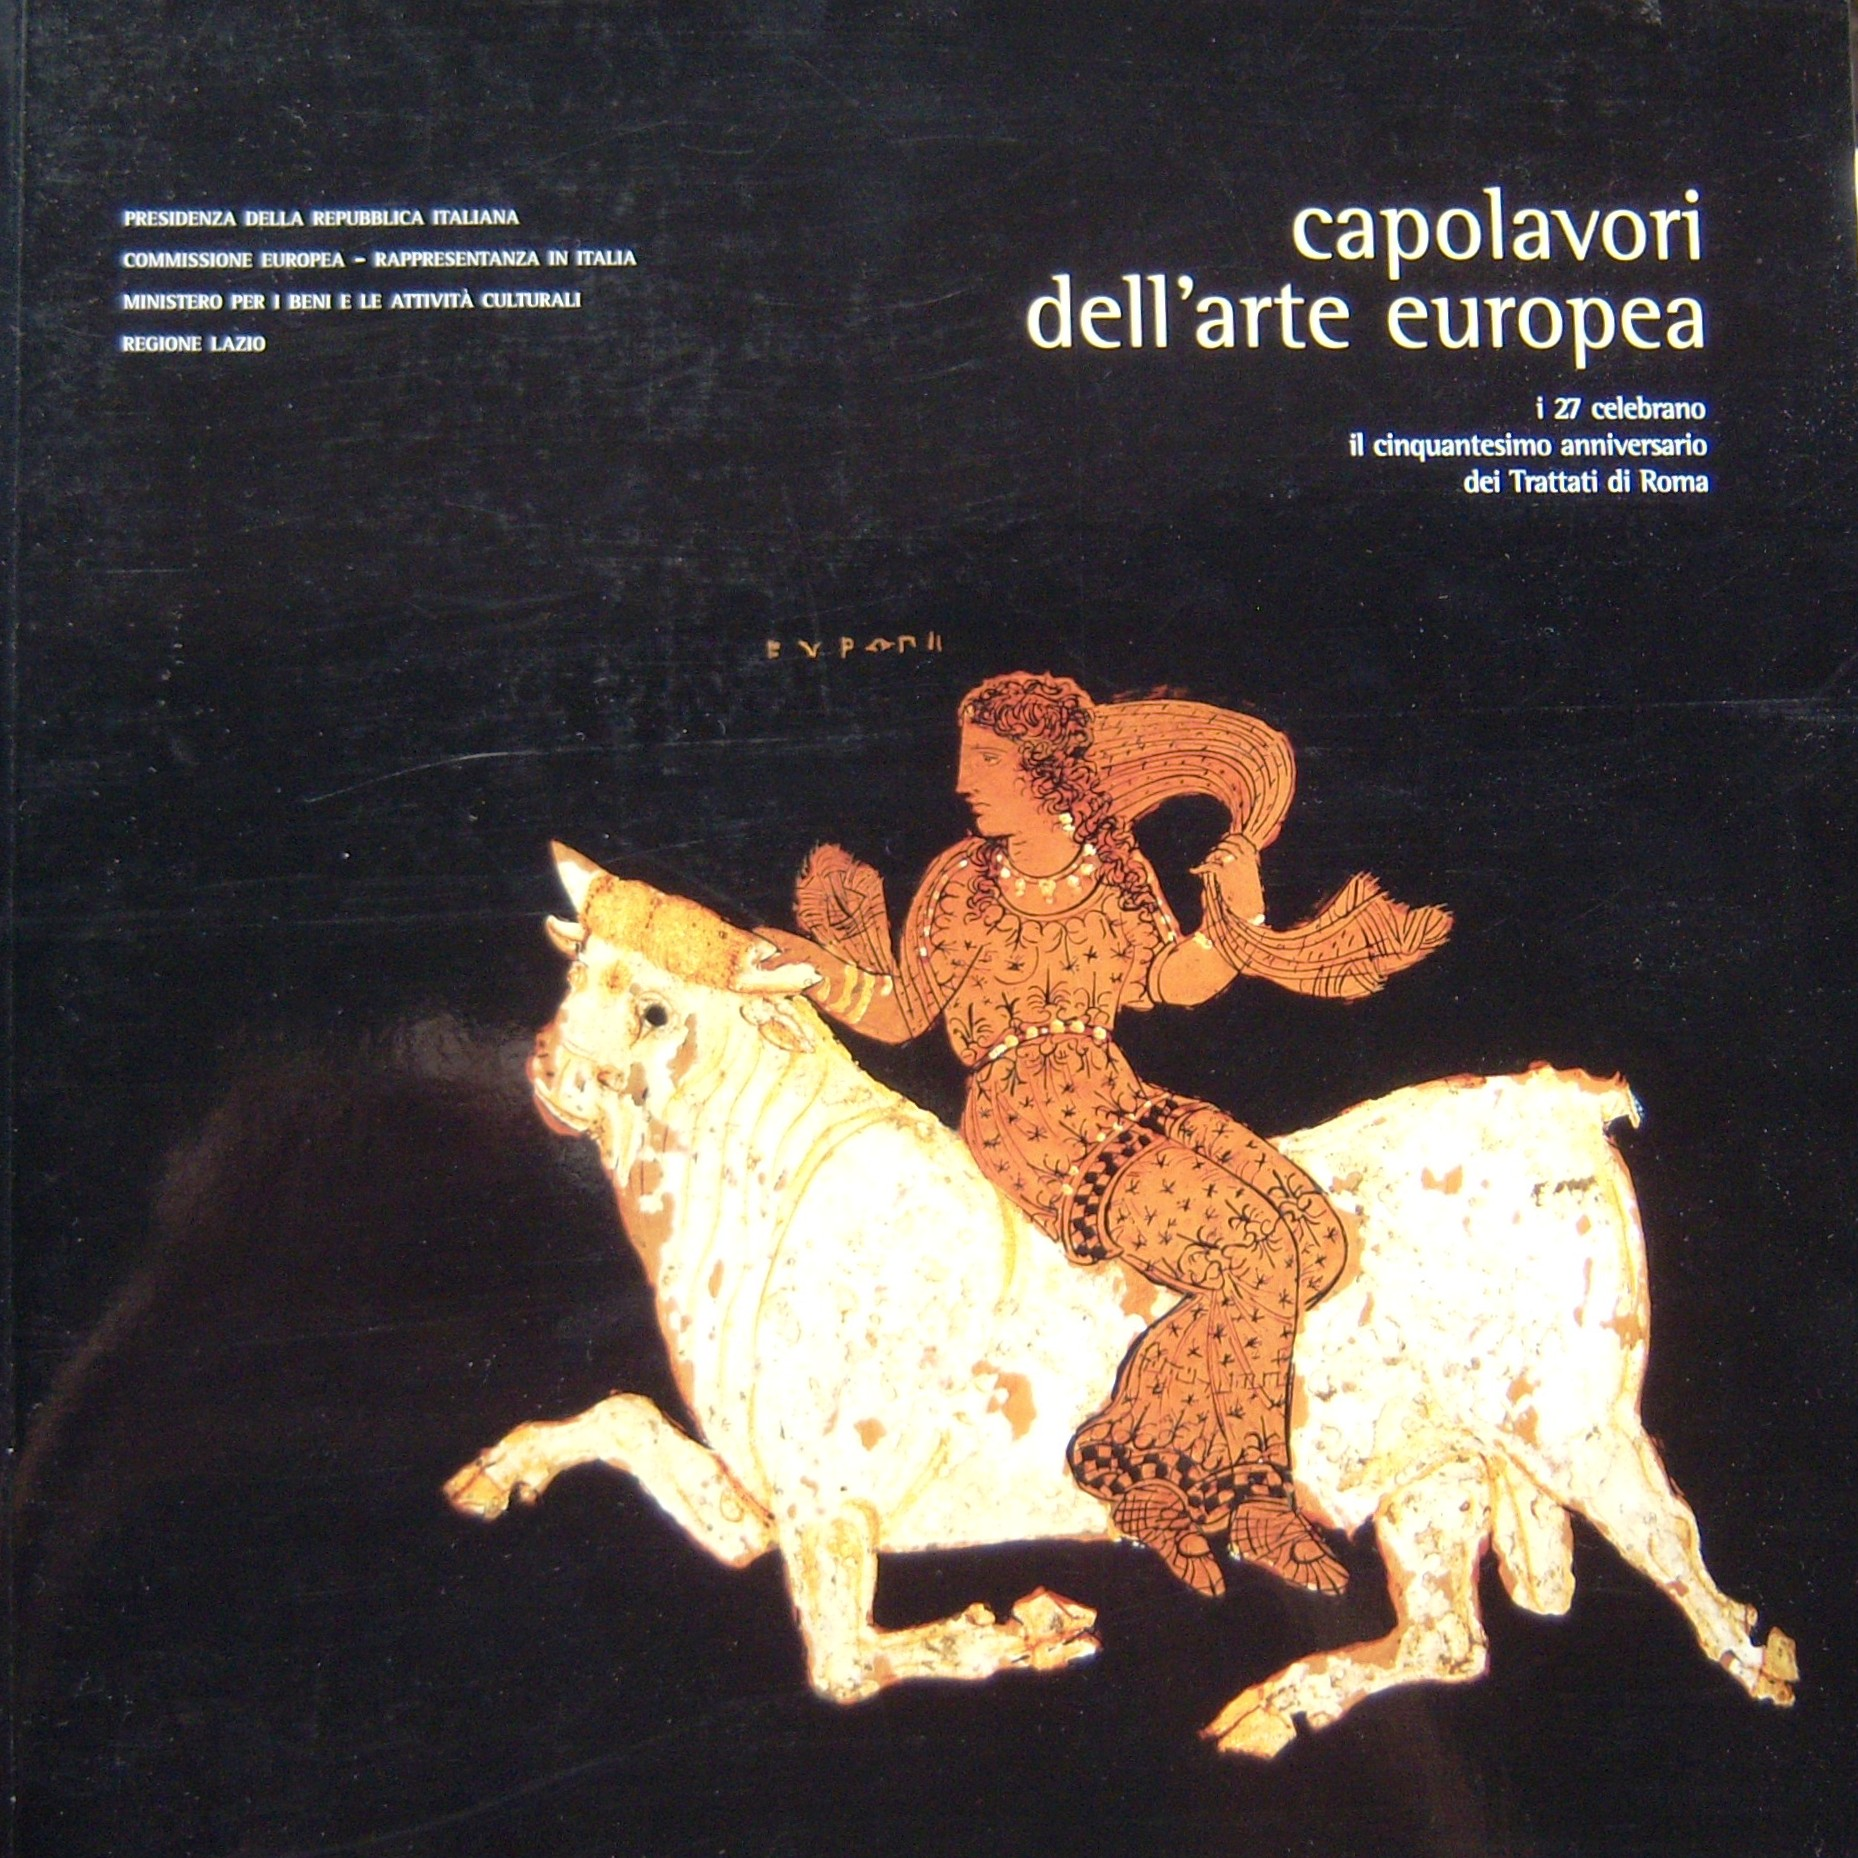 Capolavori dell'arte europea